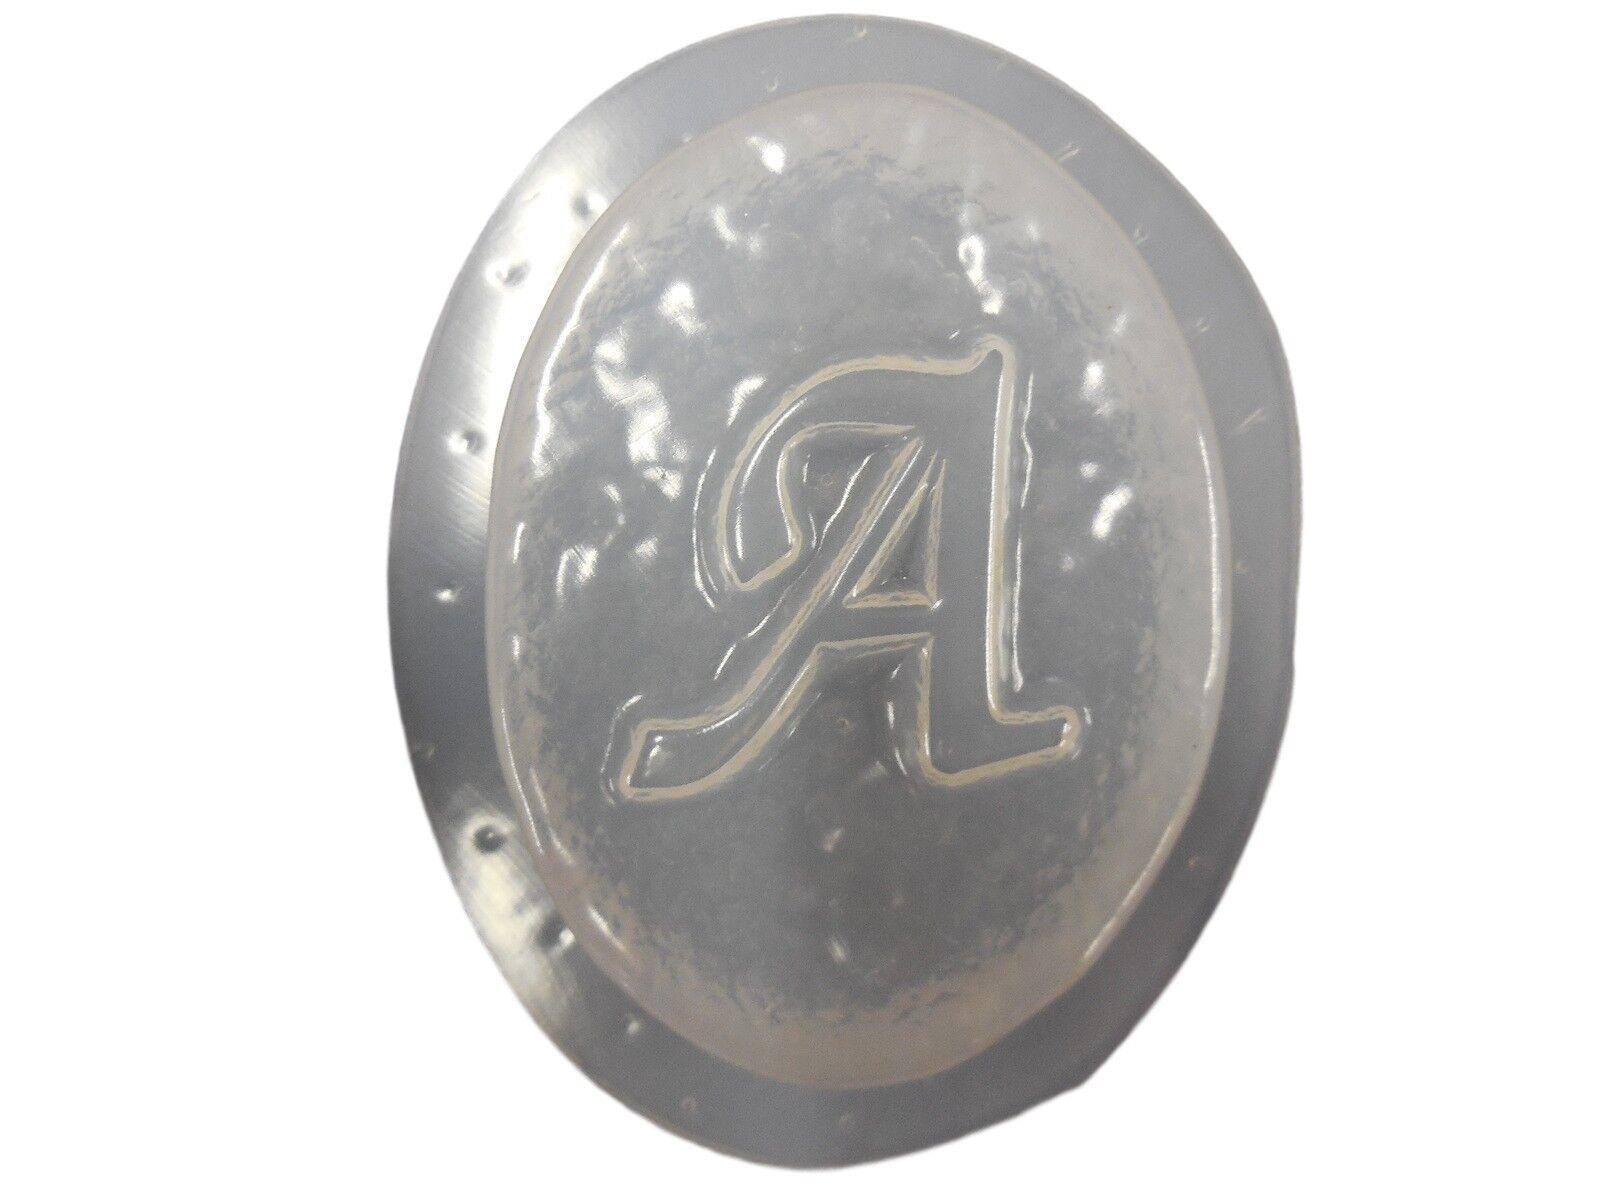 ALPHABET PLAQUE 4683 Moldcreations LETTER A BAR SOAP MOLD QTY 2